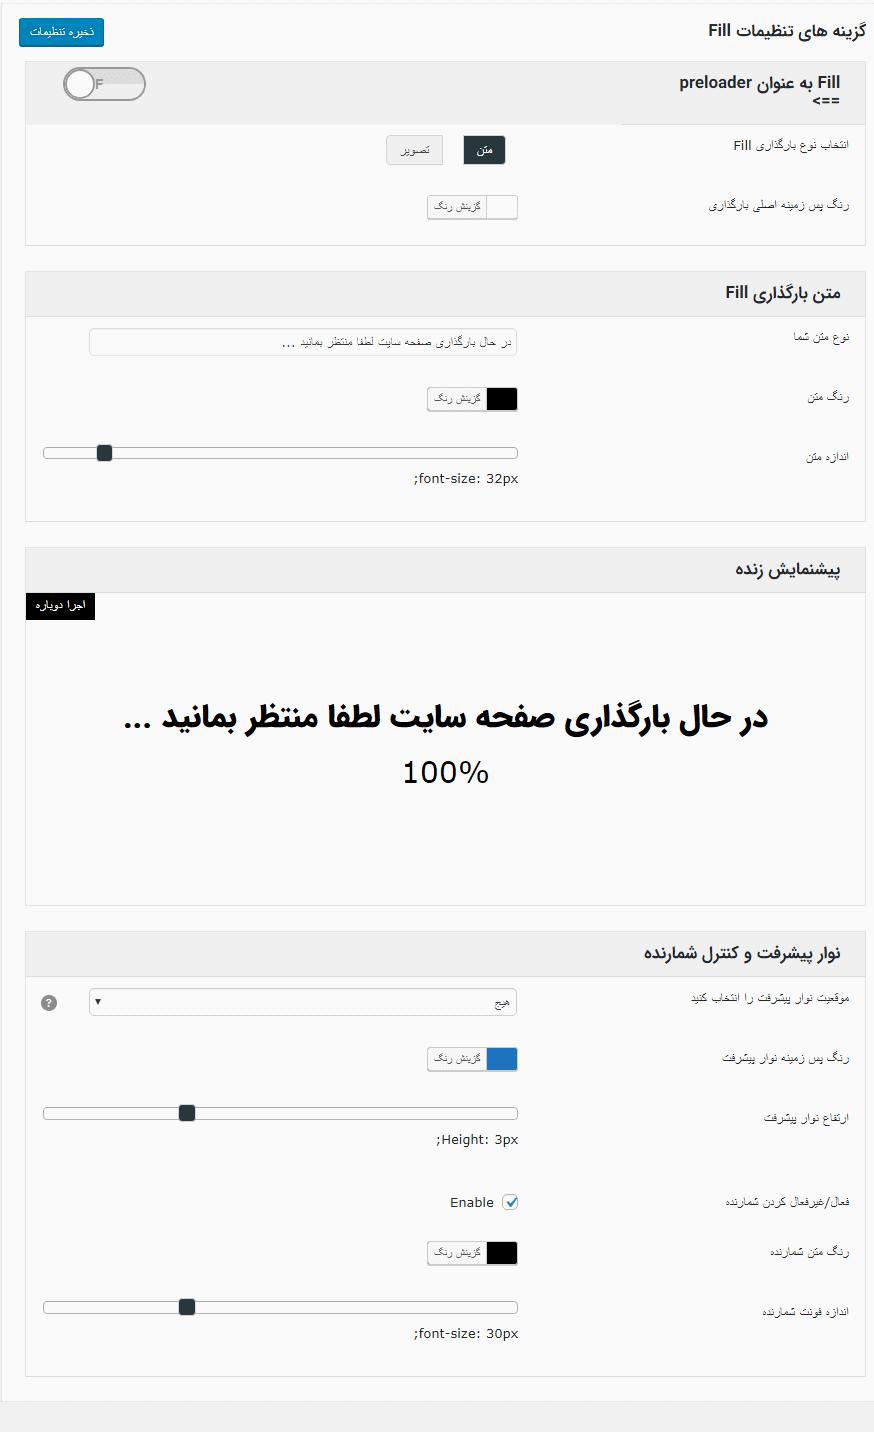 تنظیمات حالت Fill افزونه صفحه لودینگ سایت